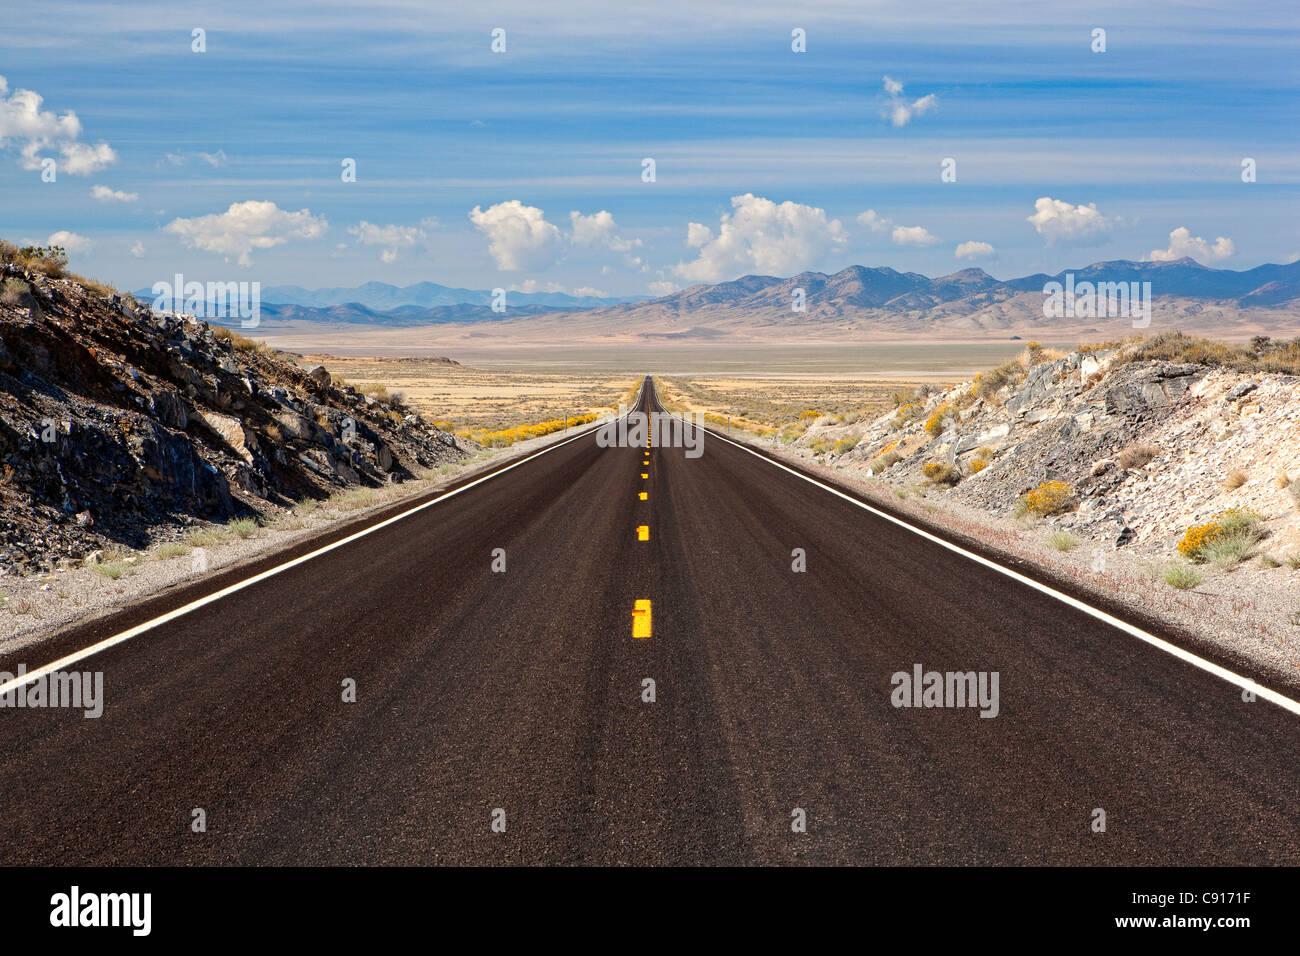 Un largo camino recto pensamiento va al desierto para algunas montañas en Nevada, EE.UU. Foto de stock